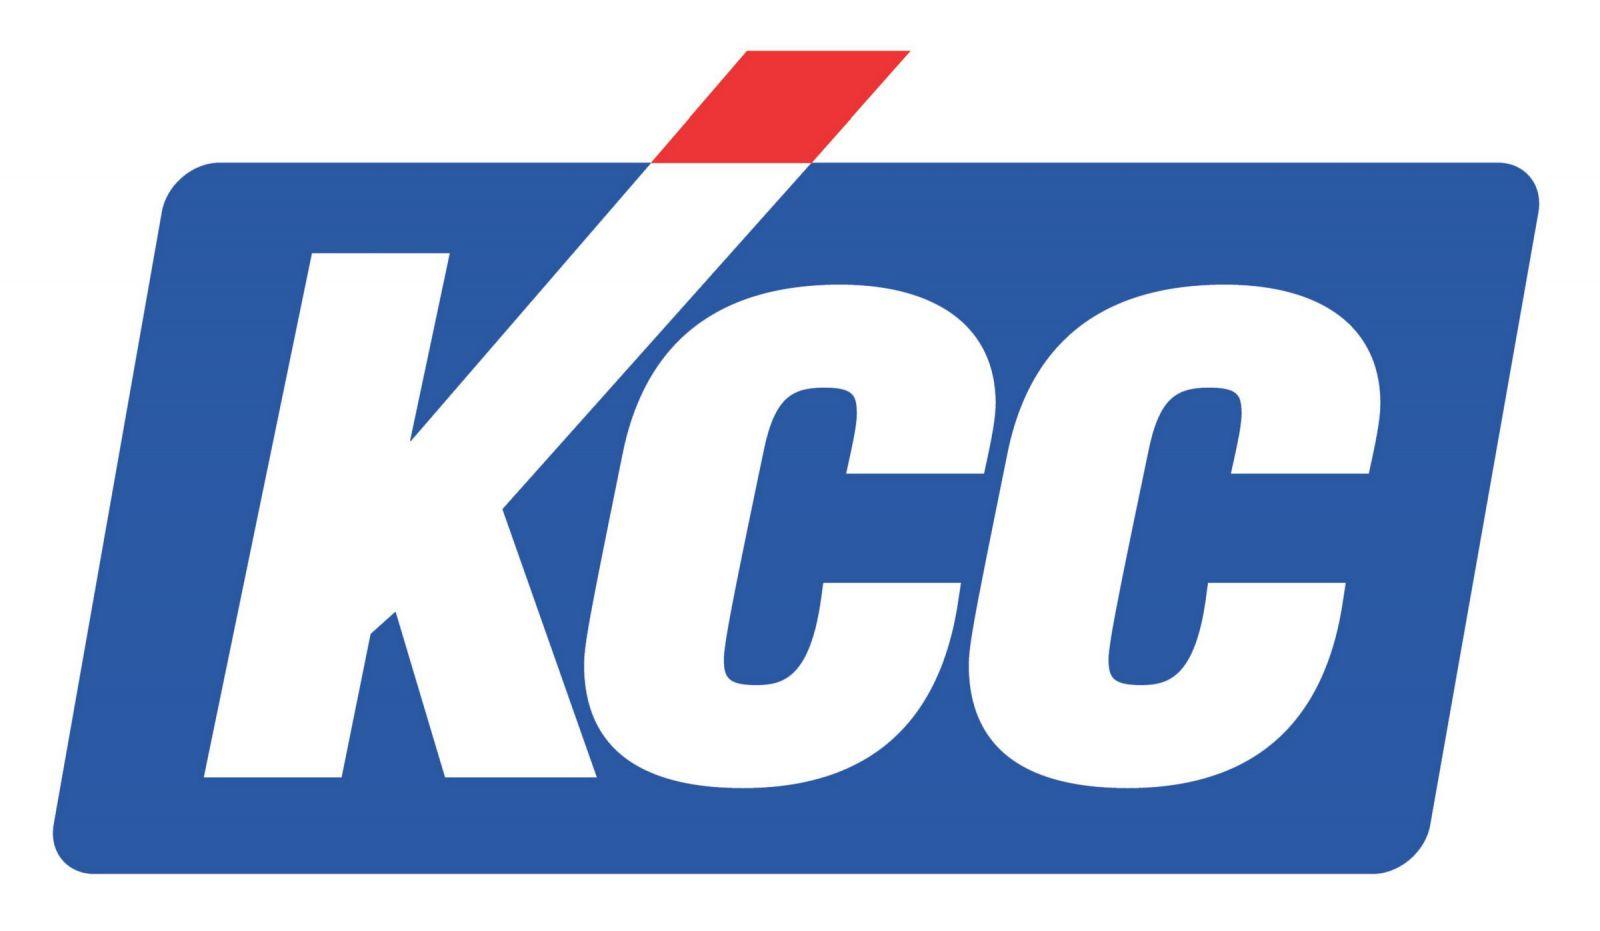 đại lý kcc